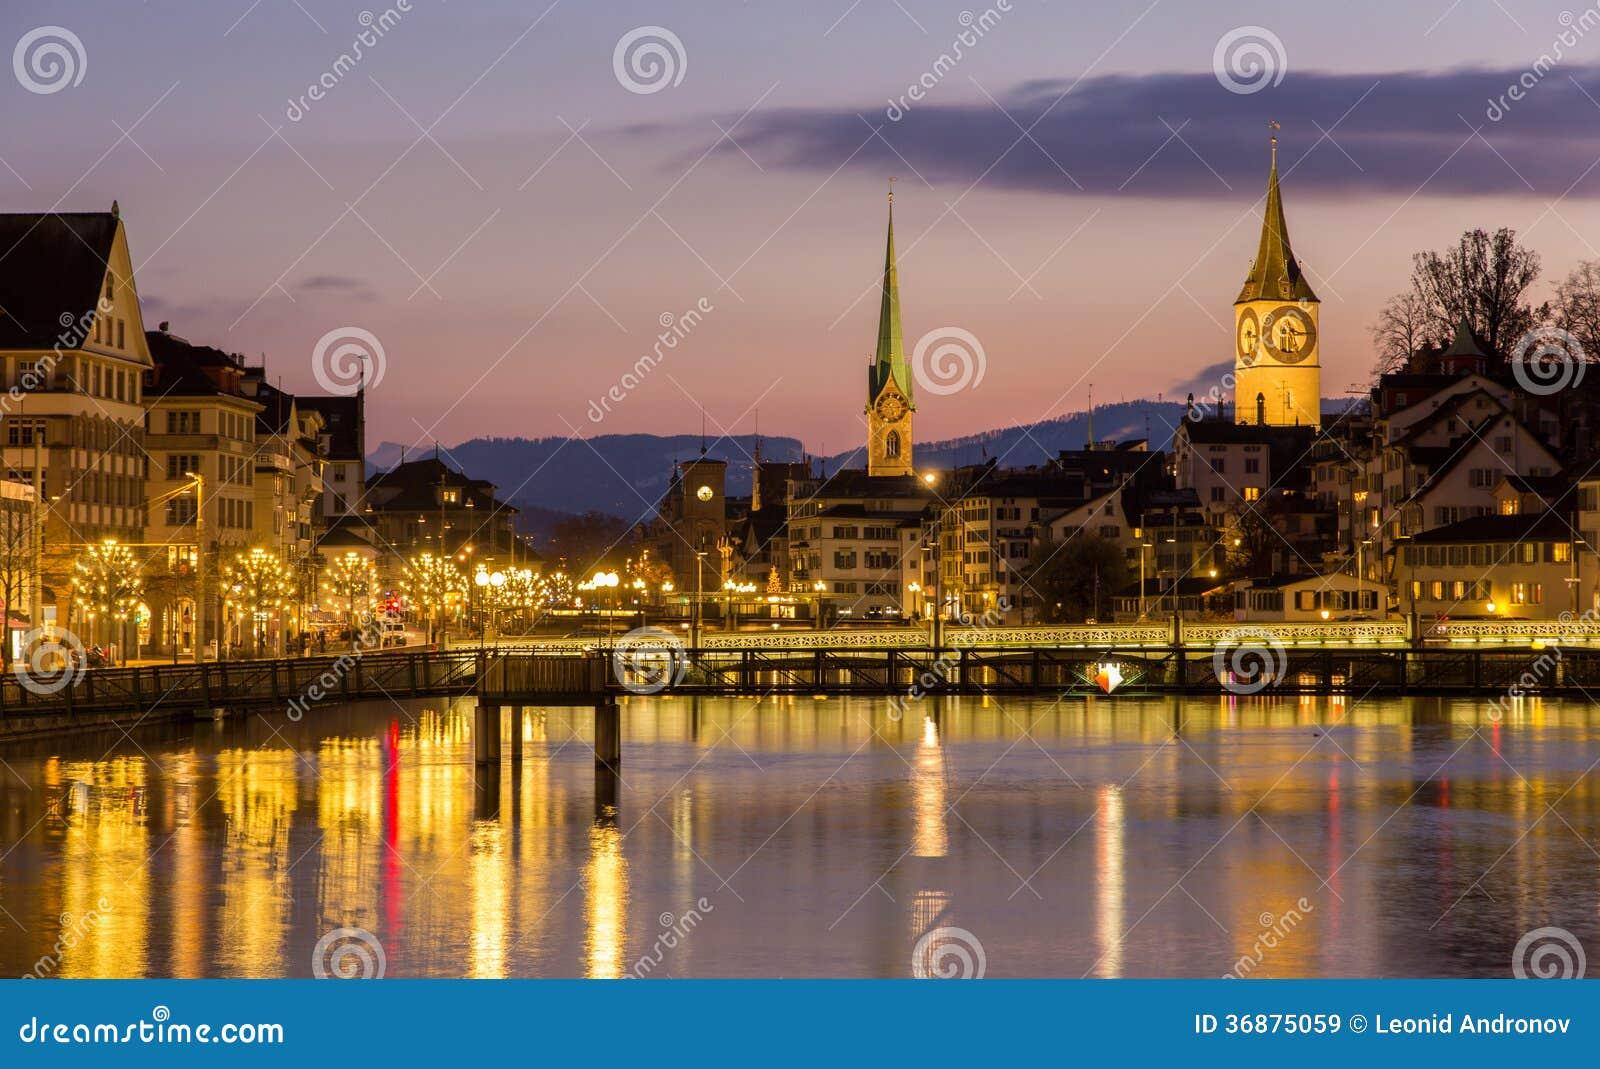 Download Zurigo Sulle Banche Del Fiume Di Limmat Alla Sera Di Inverno Immagine Stock - Immagine di architettura, città: 36875059